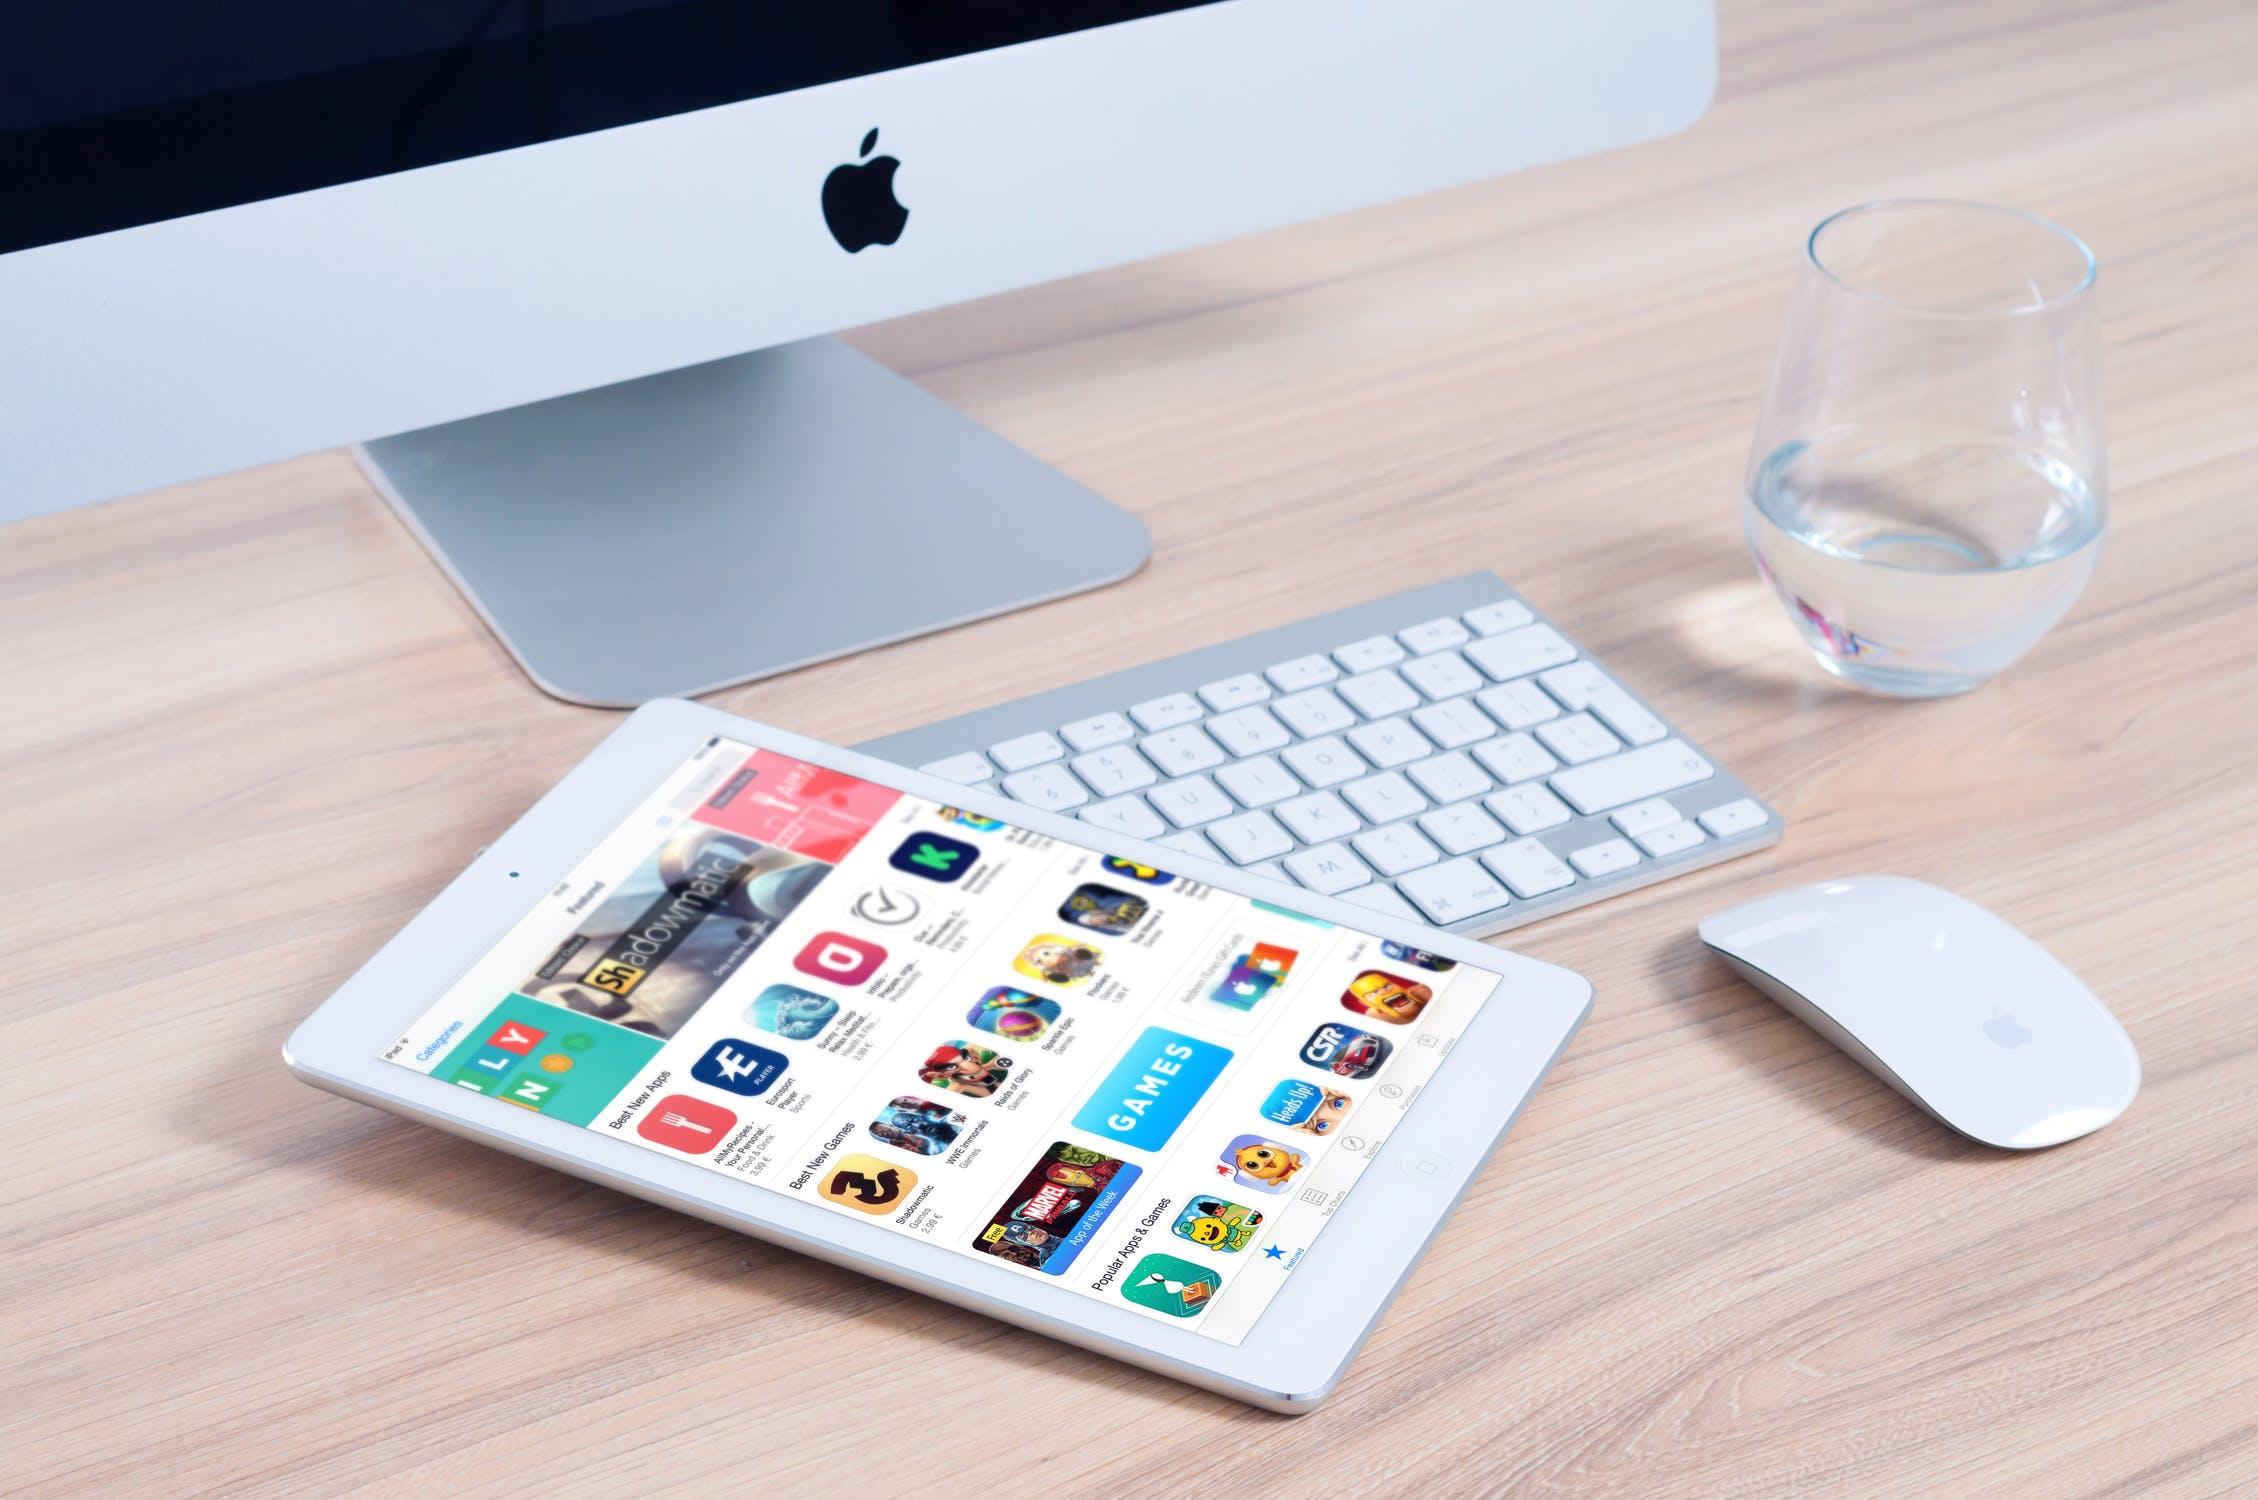 5个靠谱的海外充值网站推荐 - 支付宝,PayPal,游戏,微信充值等等!